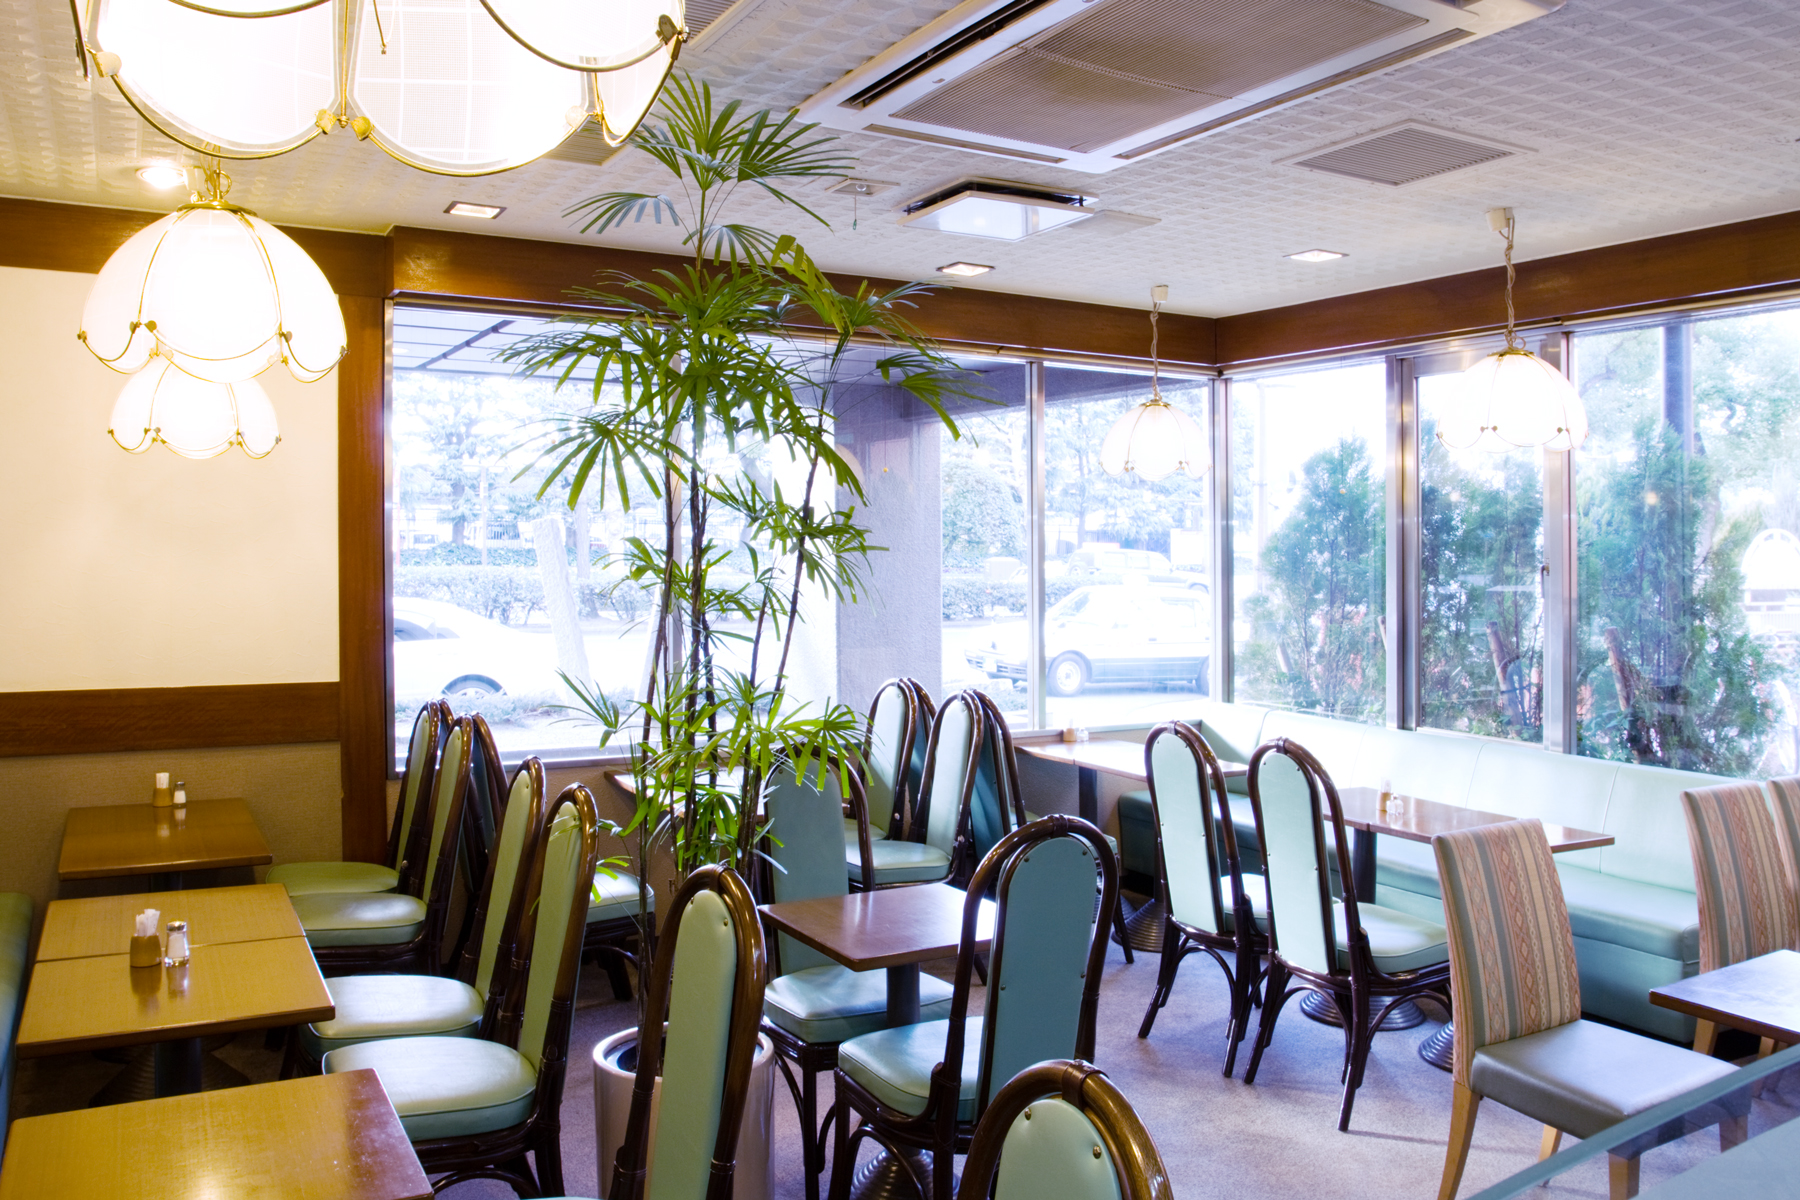 ホテル1階カフェレストラン【gefen】